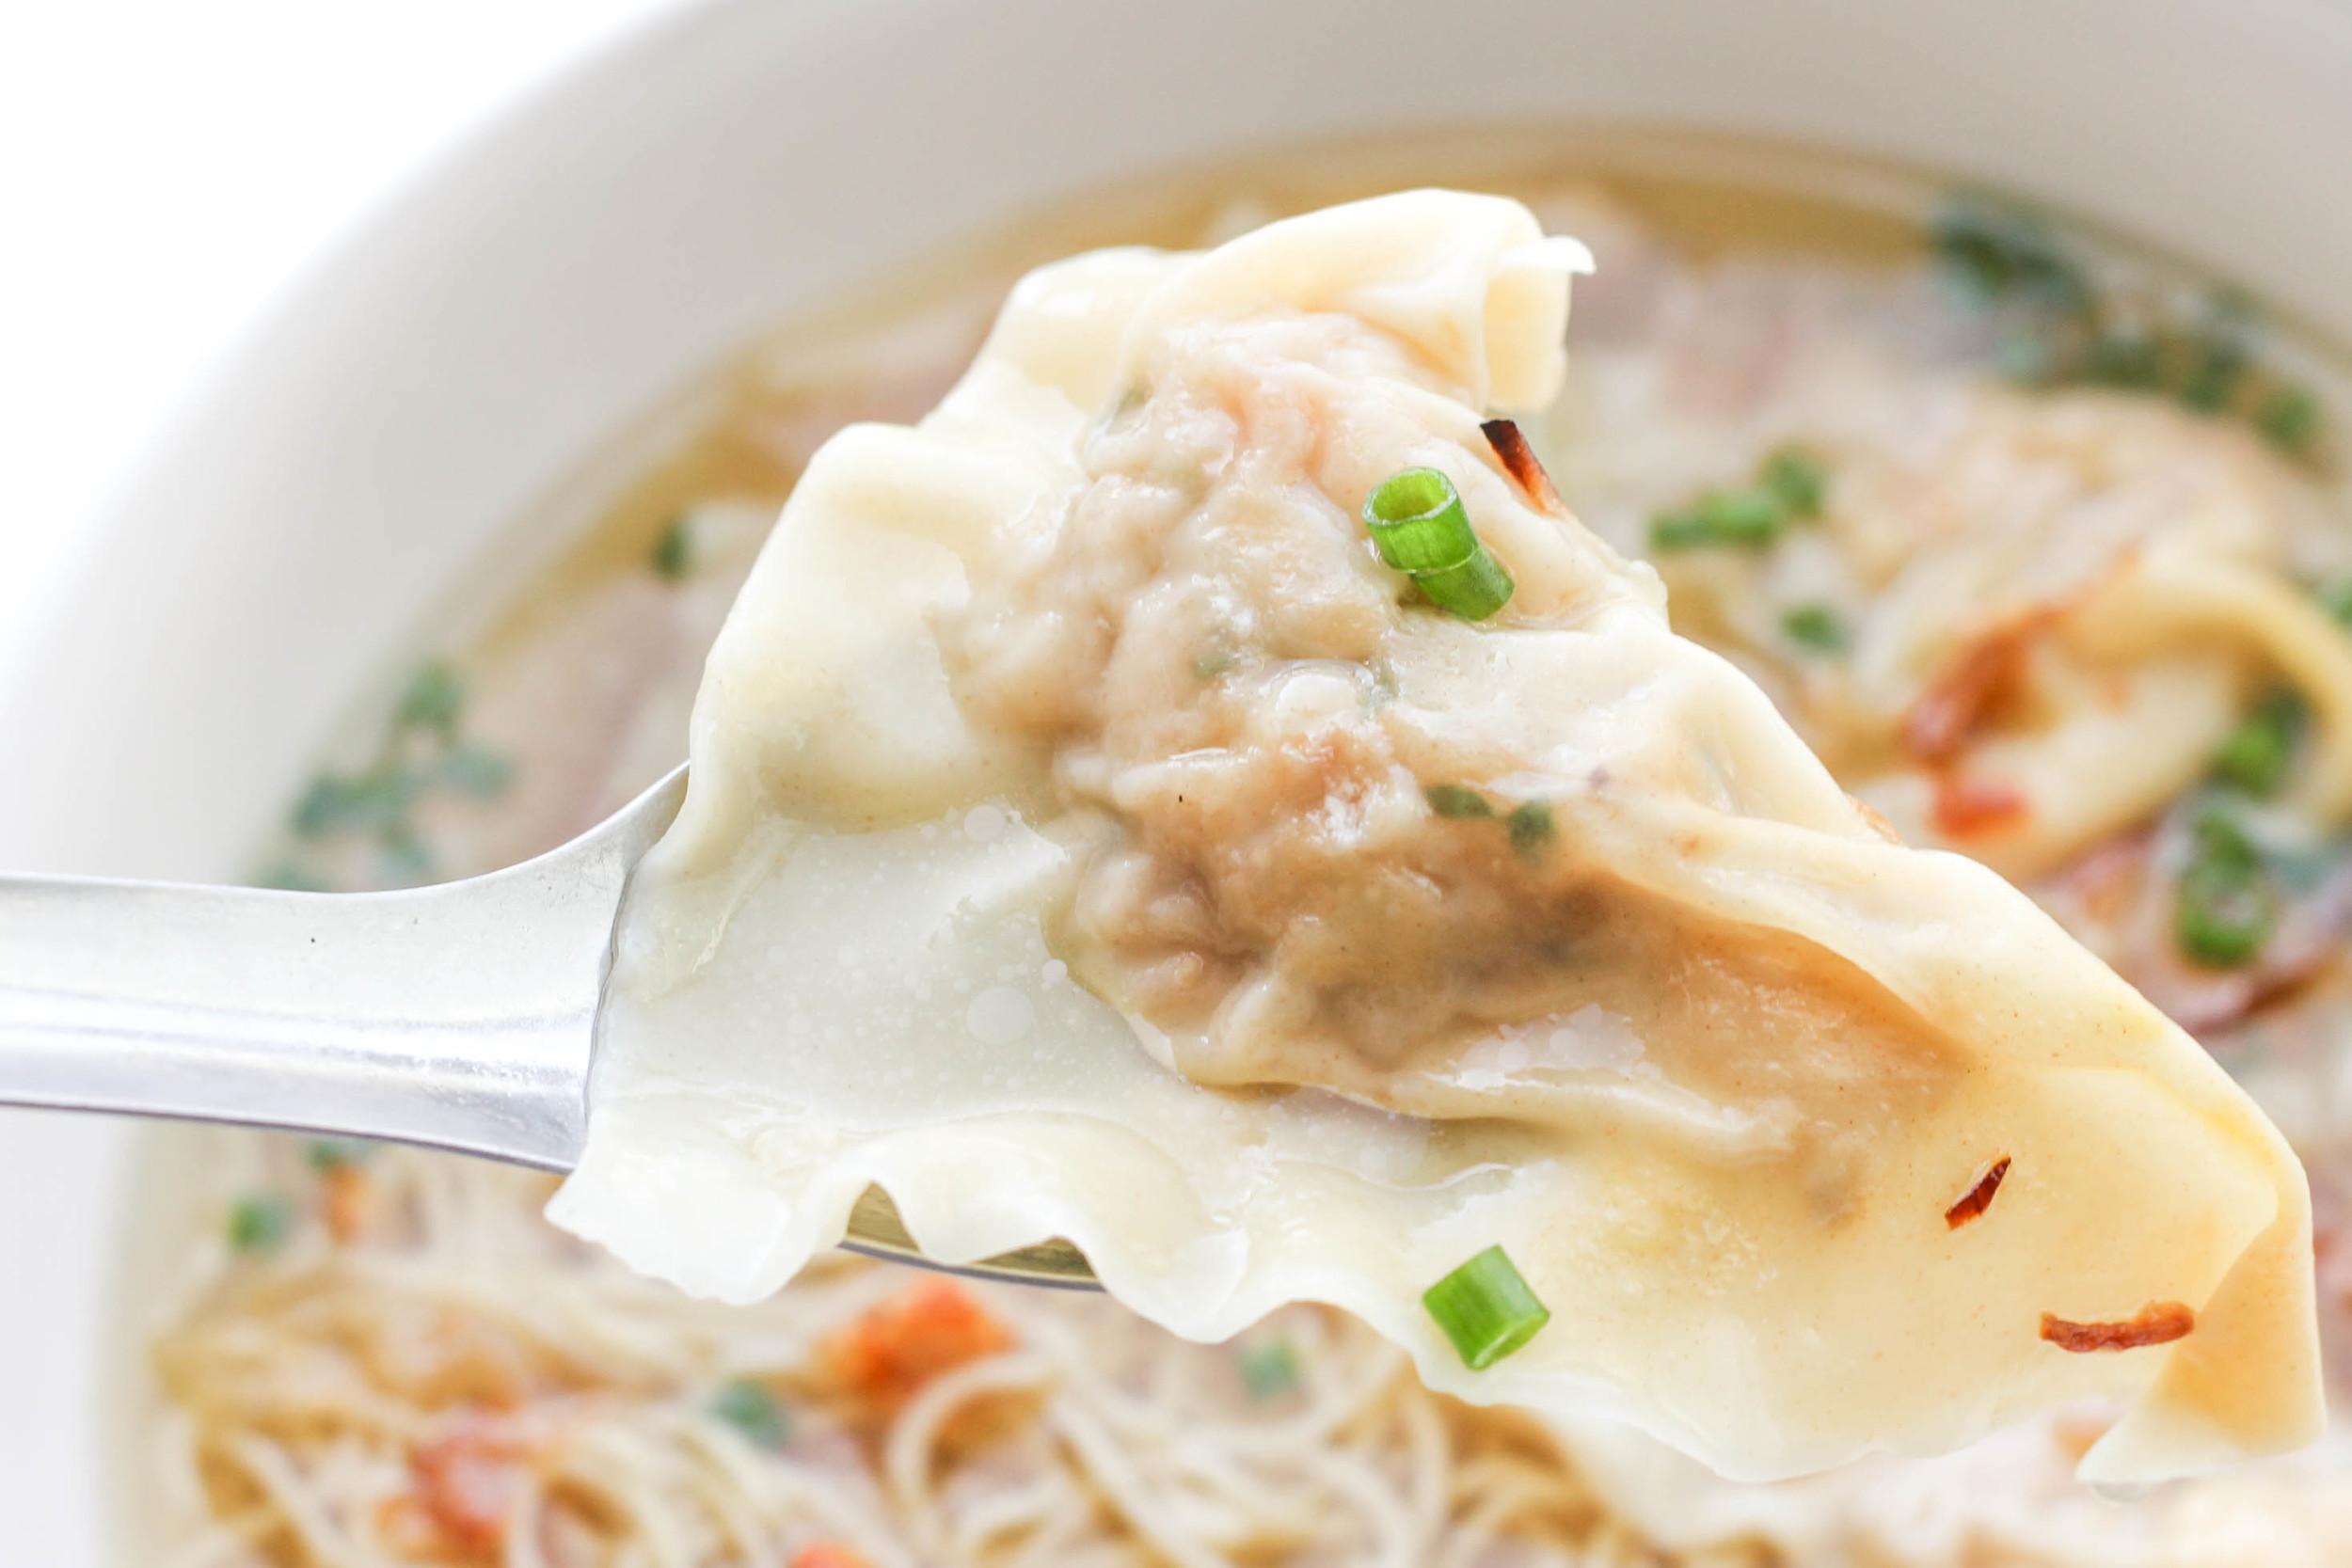 Shrimp & Pork Wonton Recipe (Hoành Thánh Tôm Thịt)